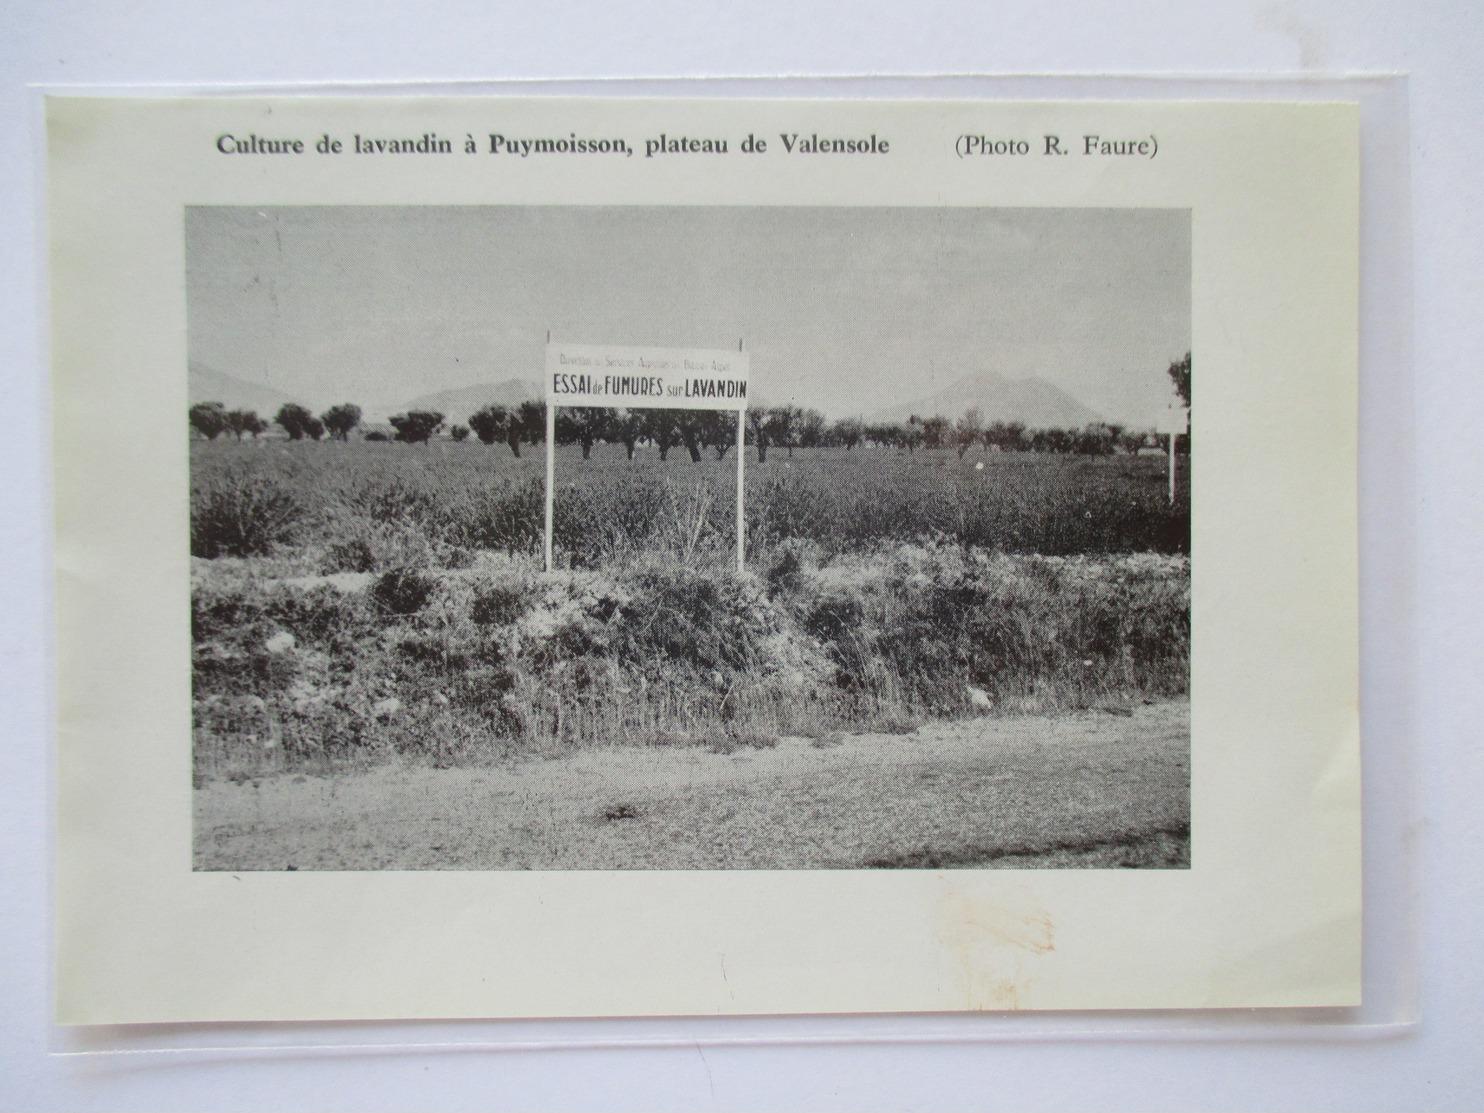 (1959) PUYMOISSON  - Essai De Fumures Sur Lavandin -  Coupure De Presse Originale (encart Photo) - Documents Historiques